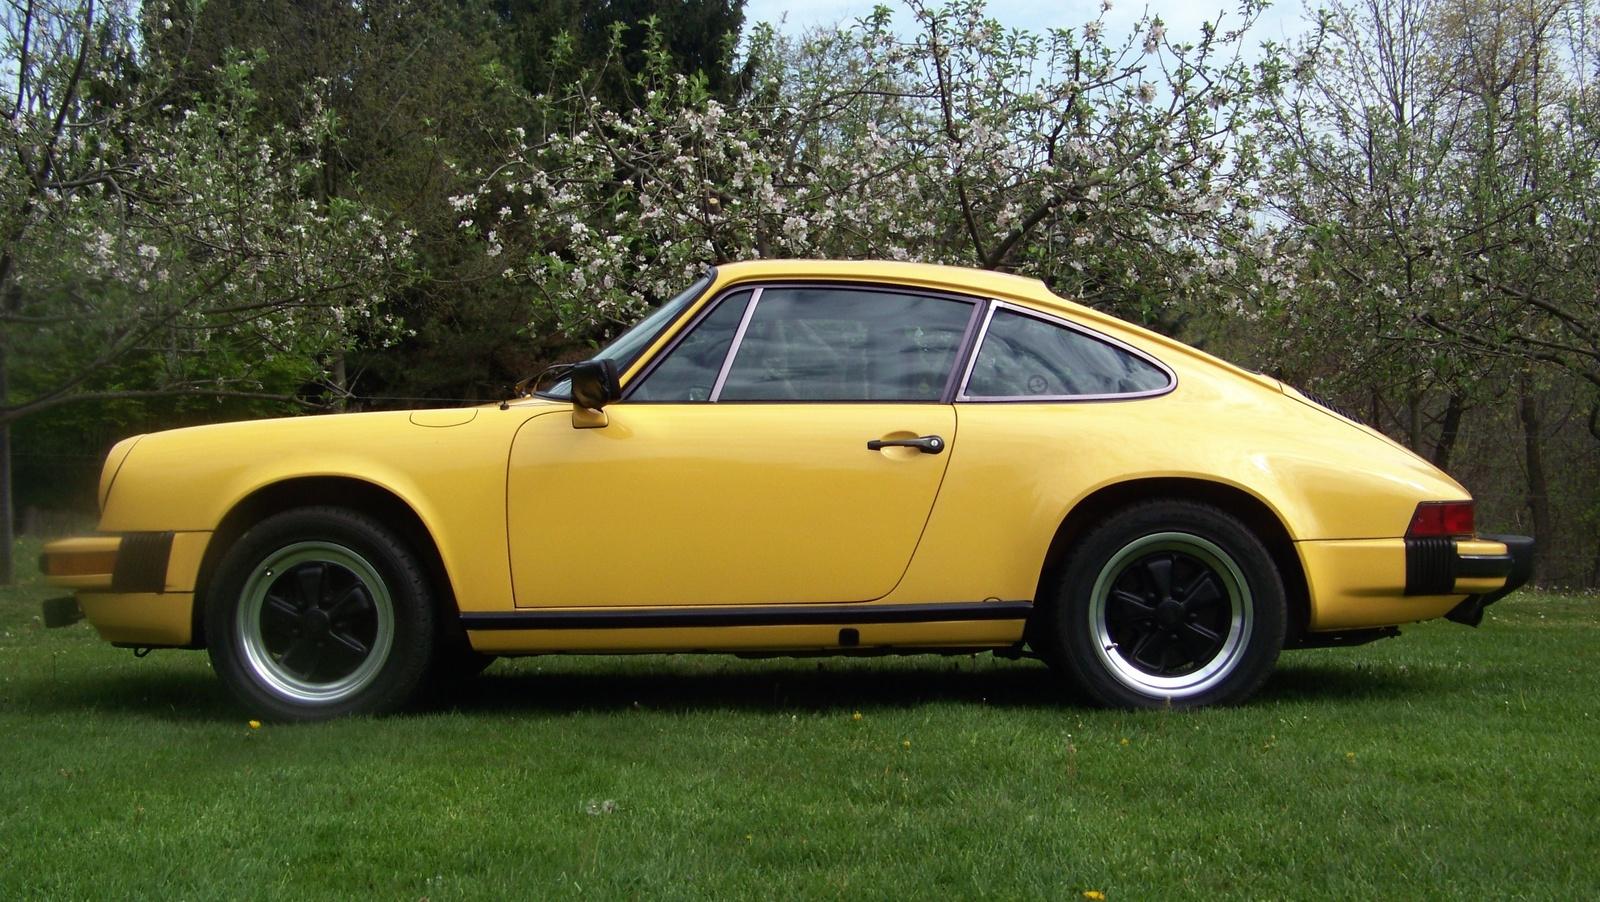 Used Porsche San Antonio >> Cargurus